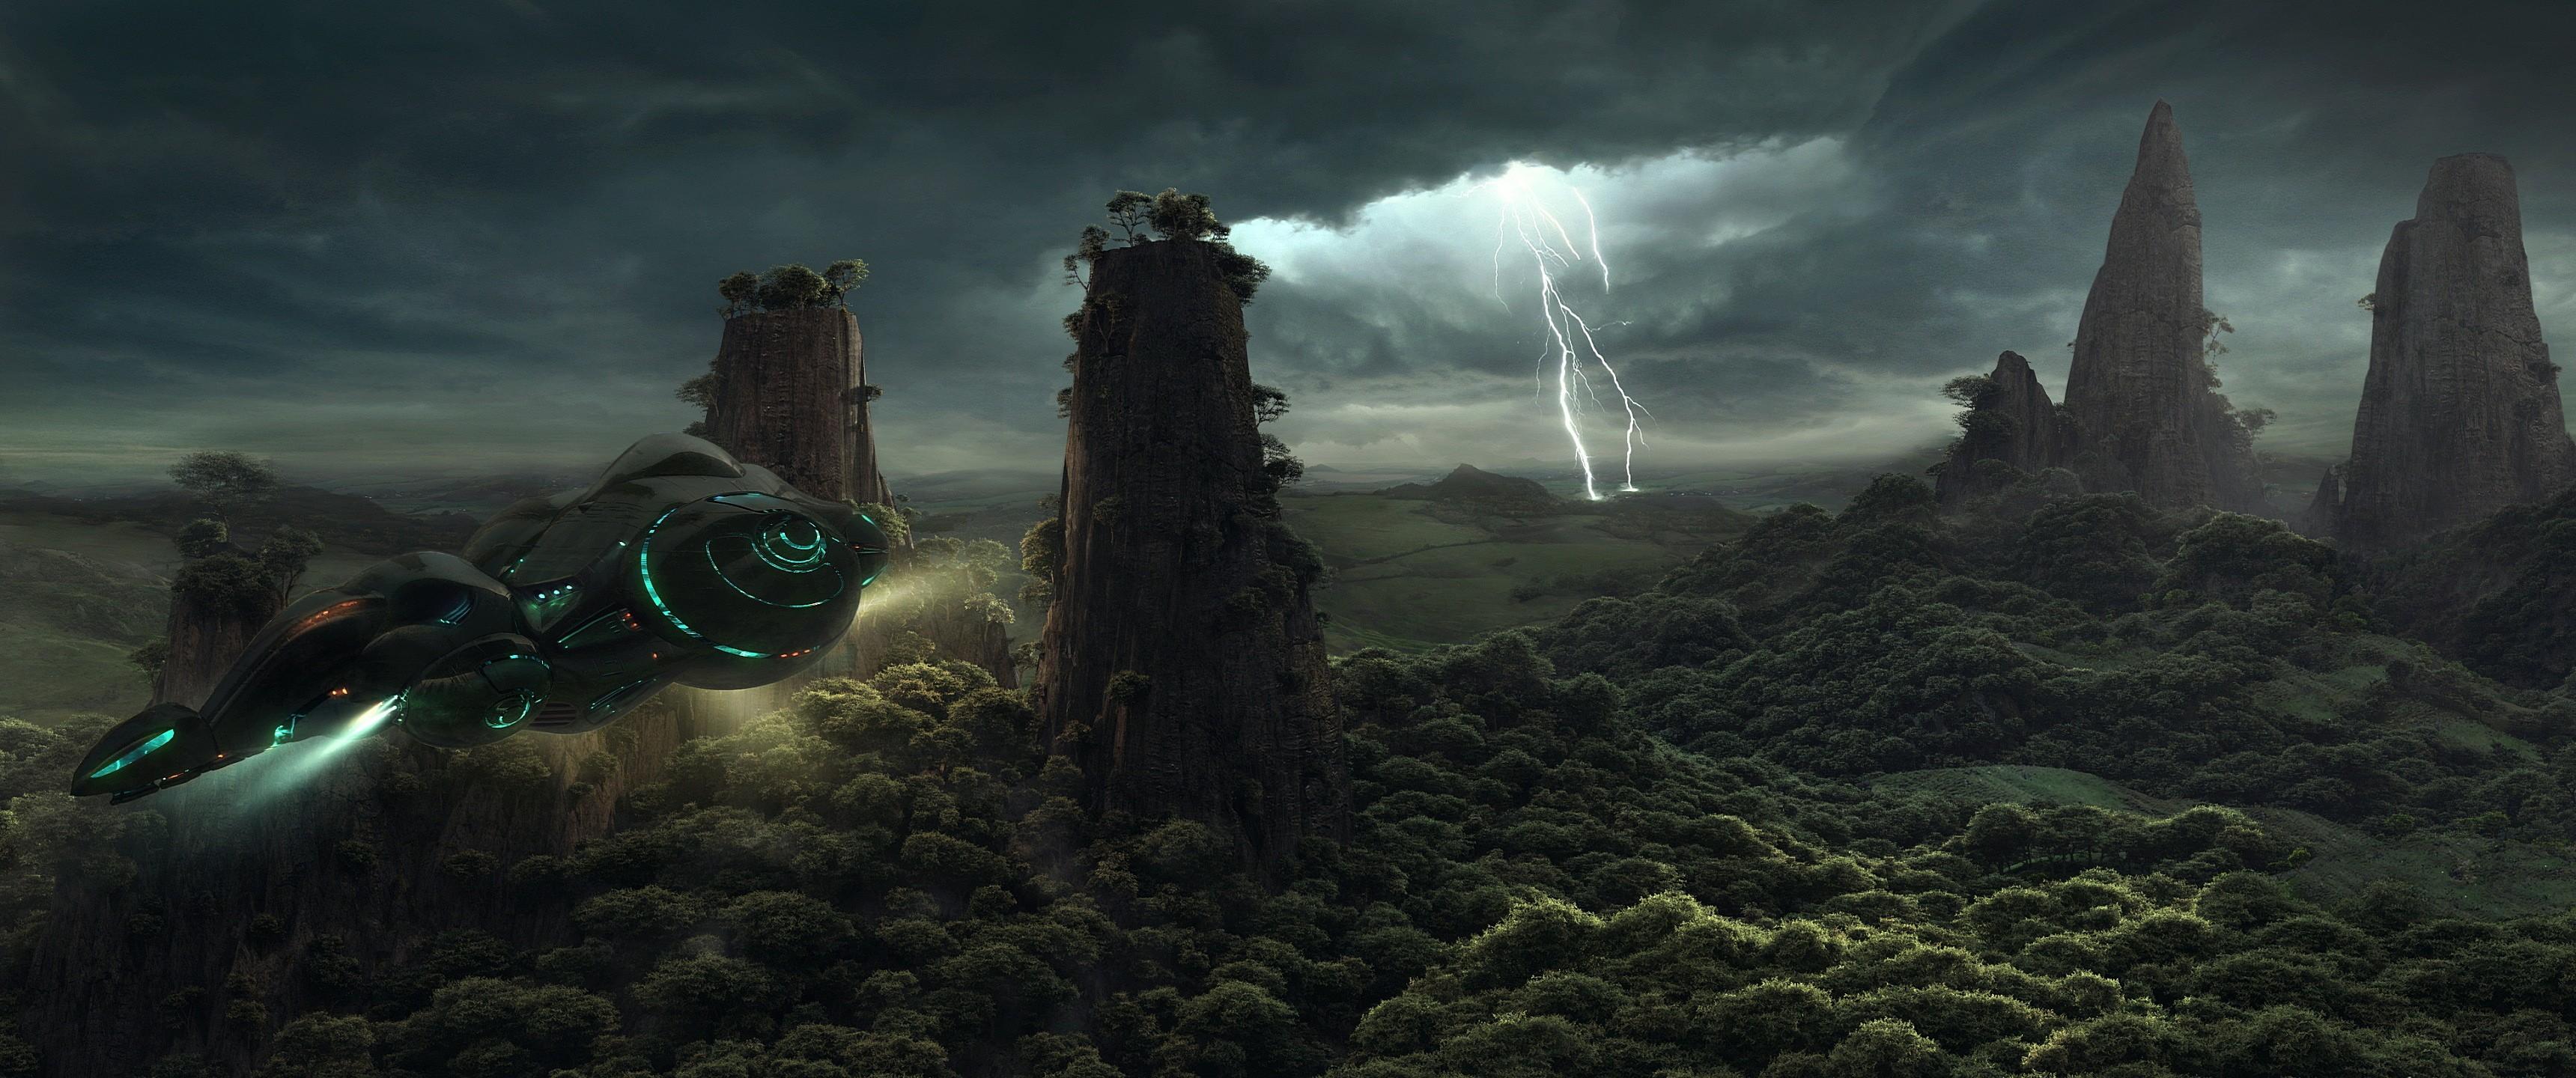 … px · Fantasy Art, Aircraft, Sky, Lightning